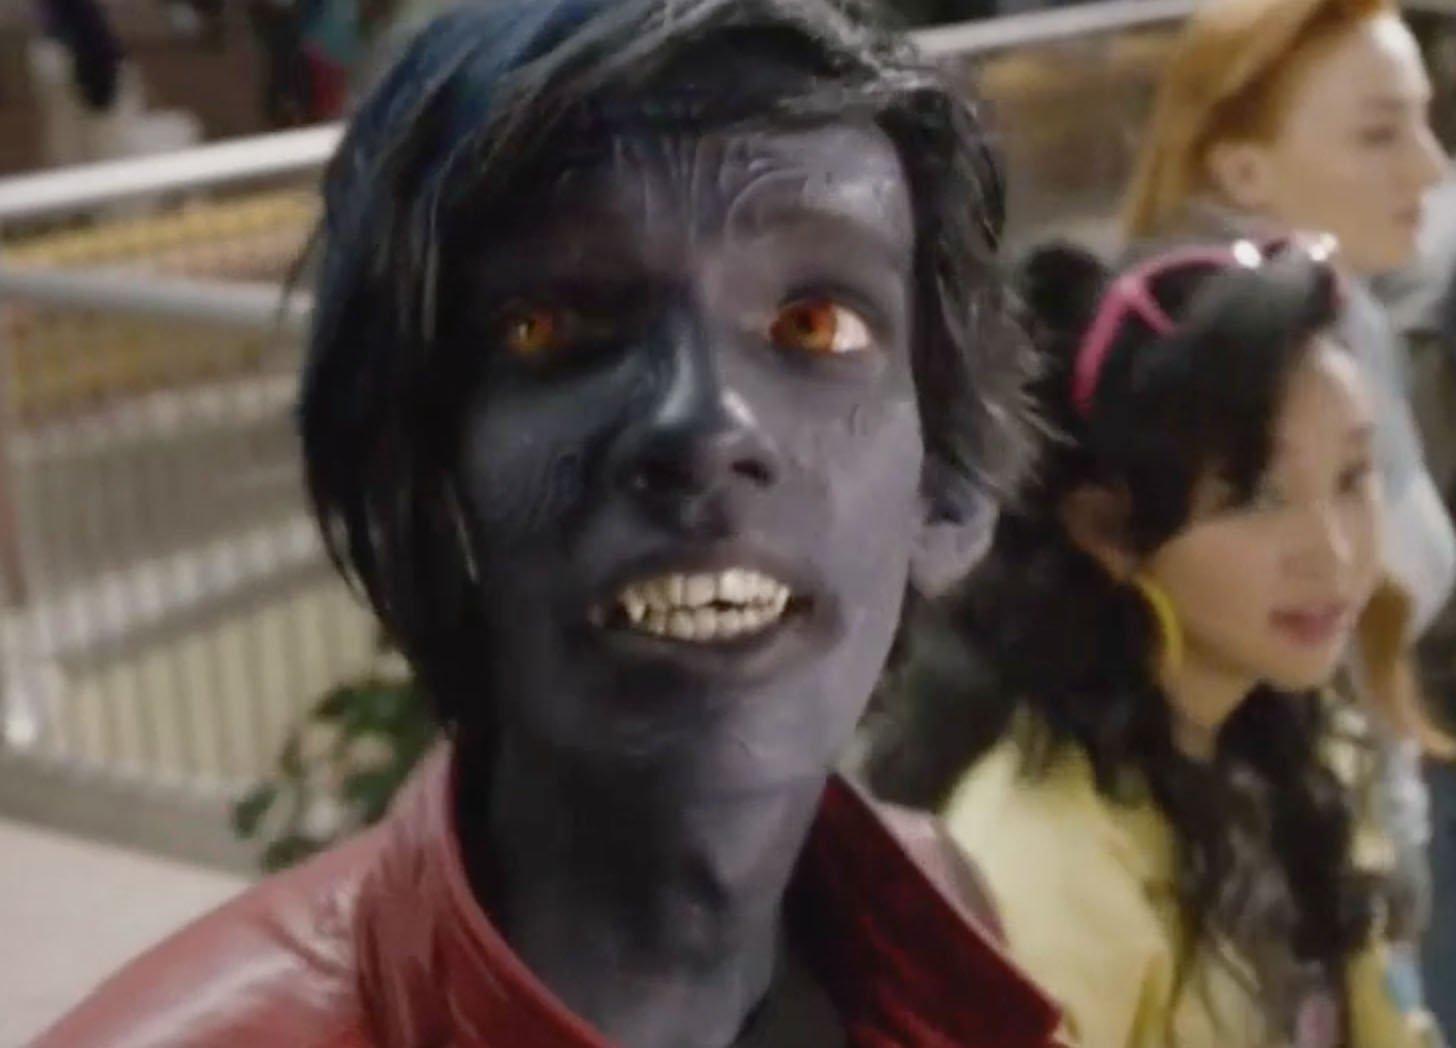 Удаленная сцена «Люди Икс: Апокалипсис» показала мутантов за игровыми автоматами